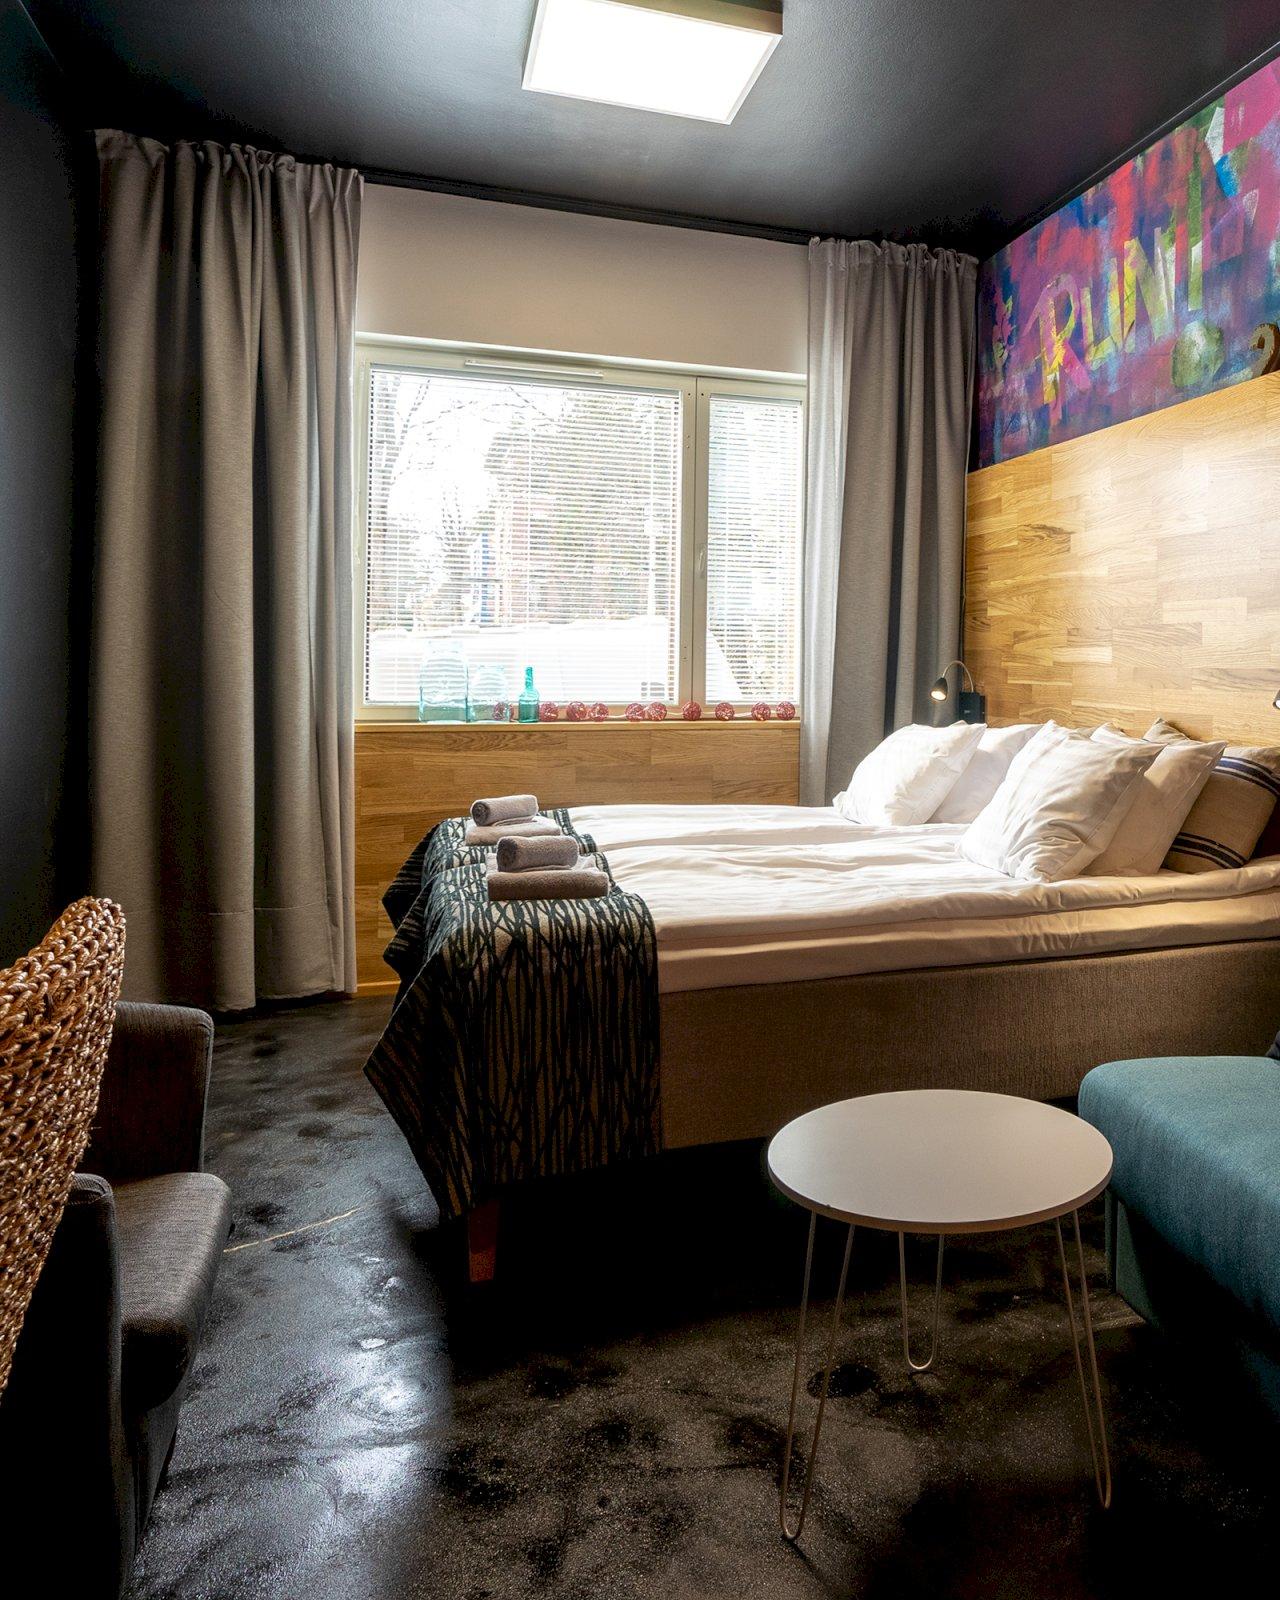 Time Hostel Jyväskylän majoitushuoneen seinää koristaa värikäs graffiti-taideteos.